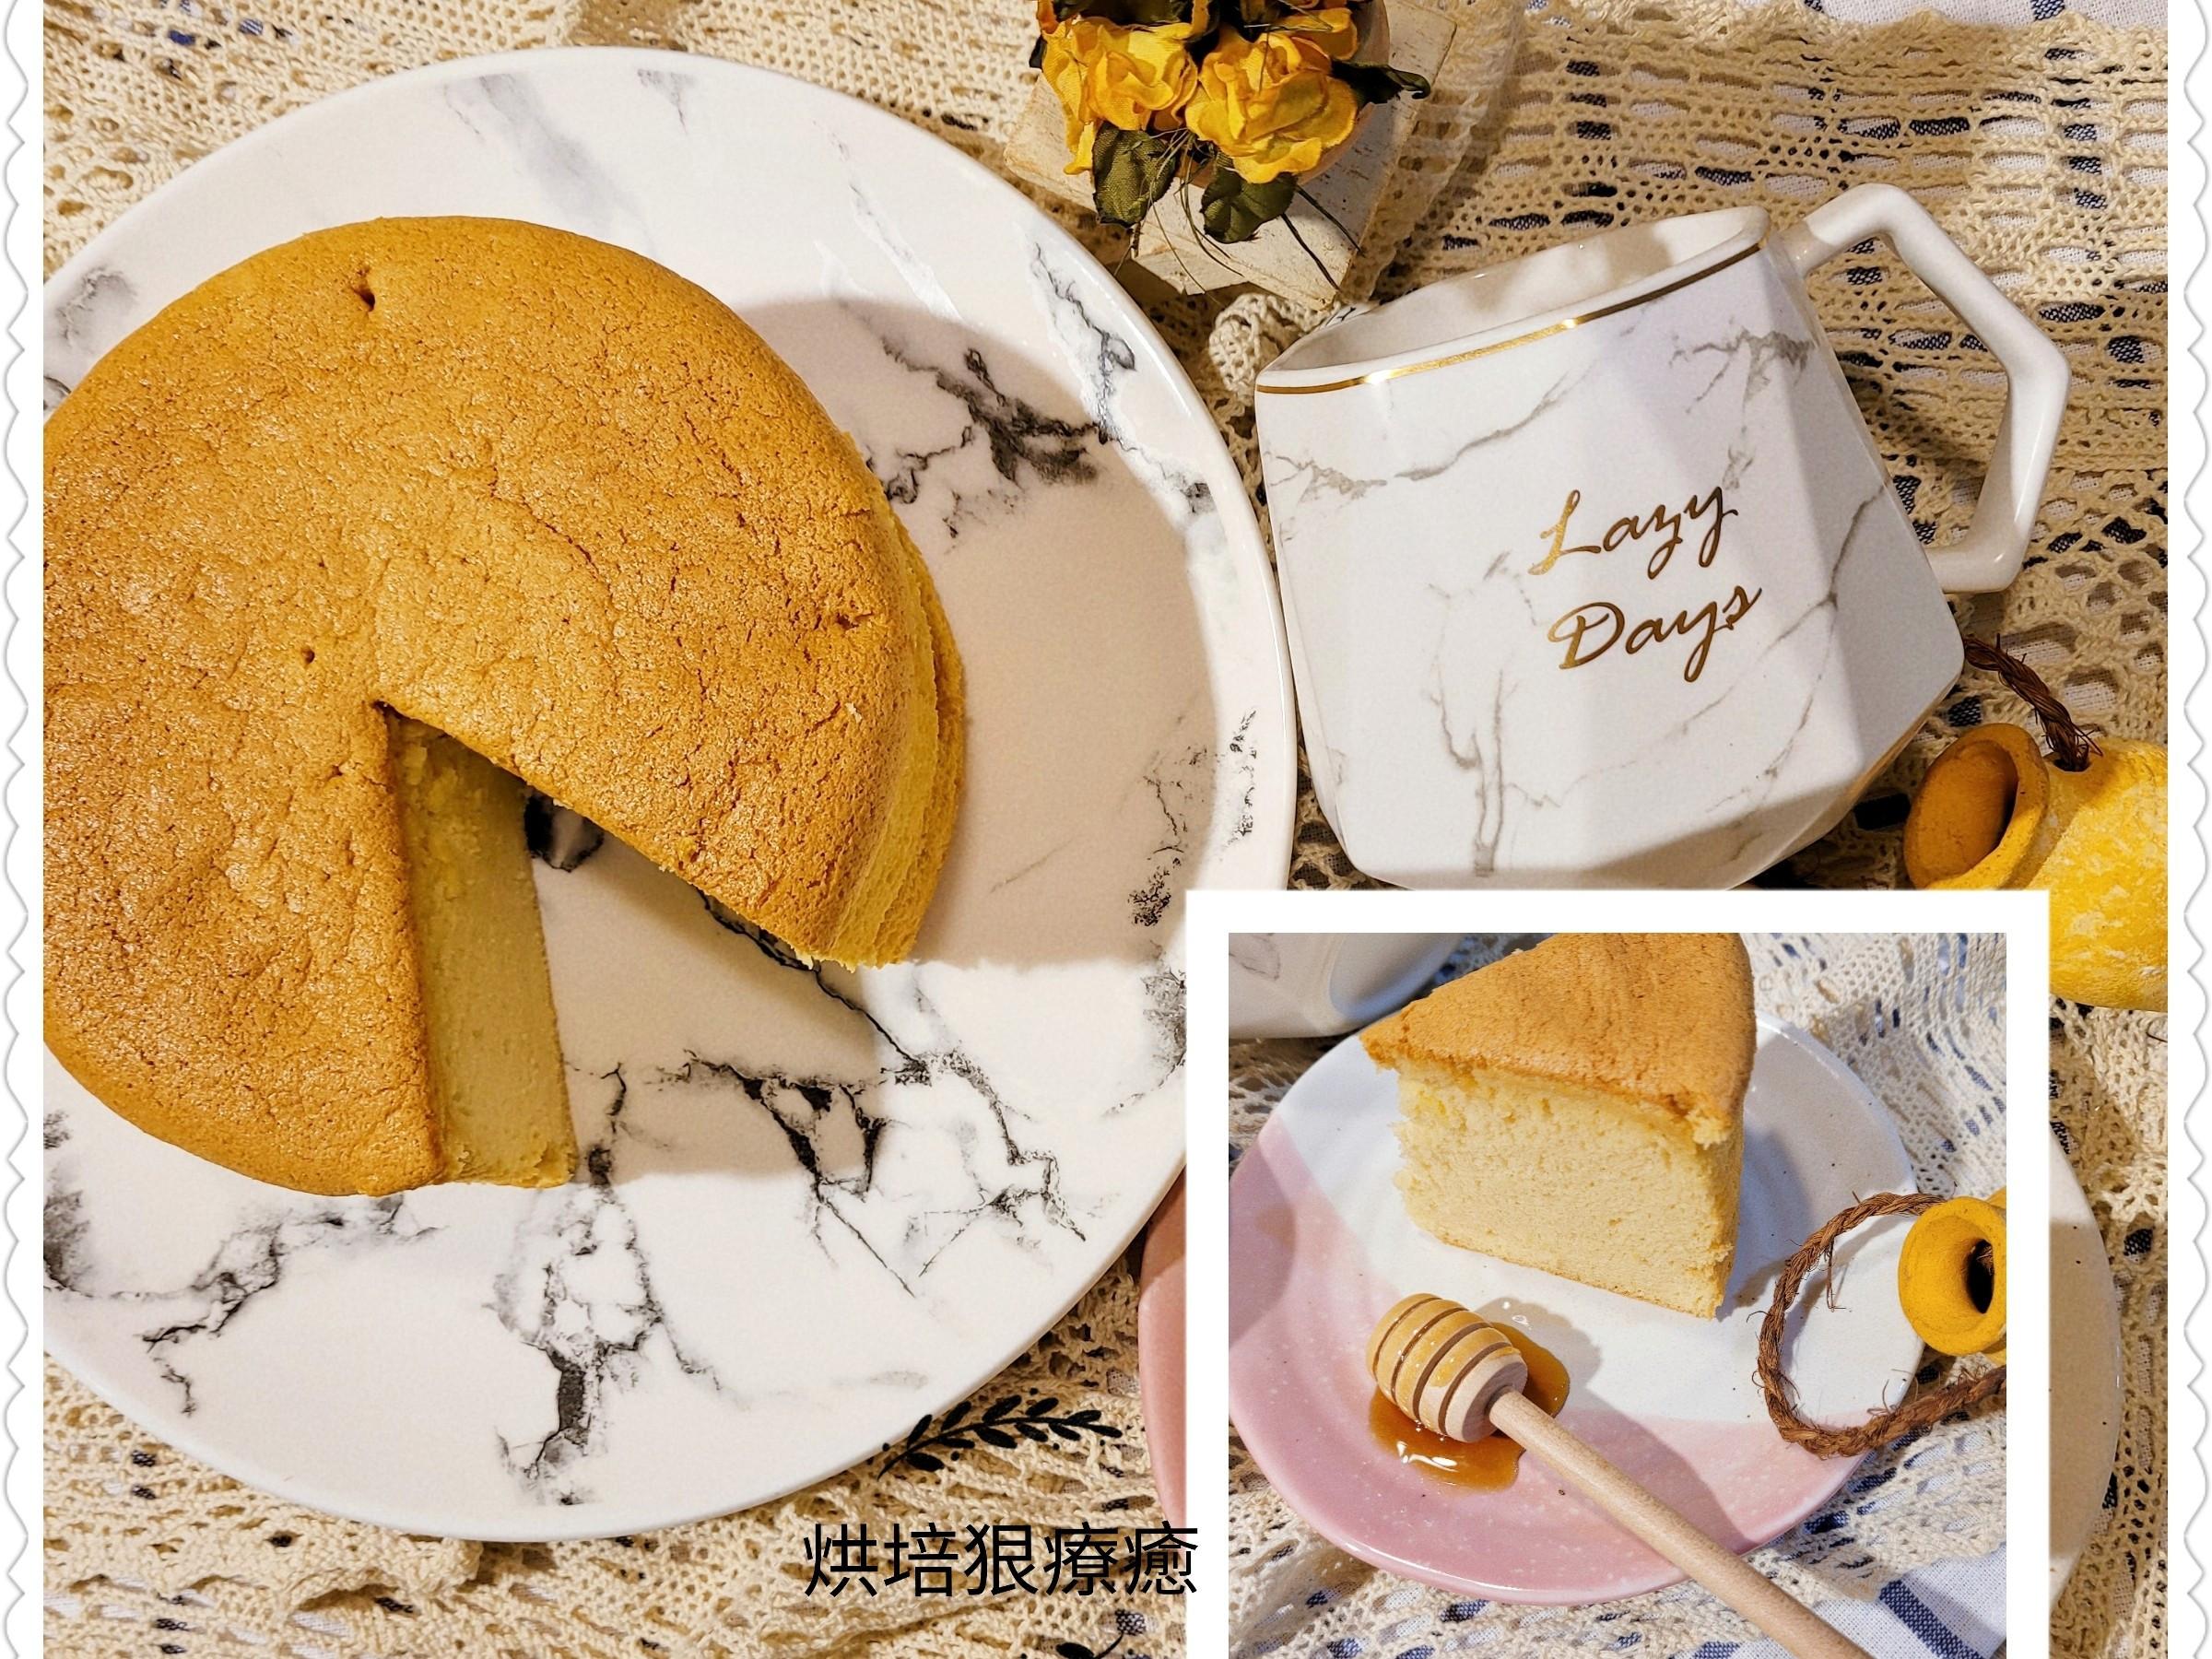 超級簡單蜂蜜蛋糕